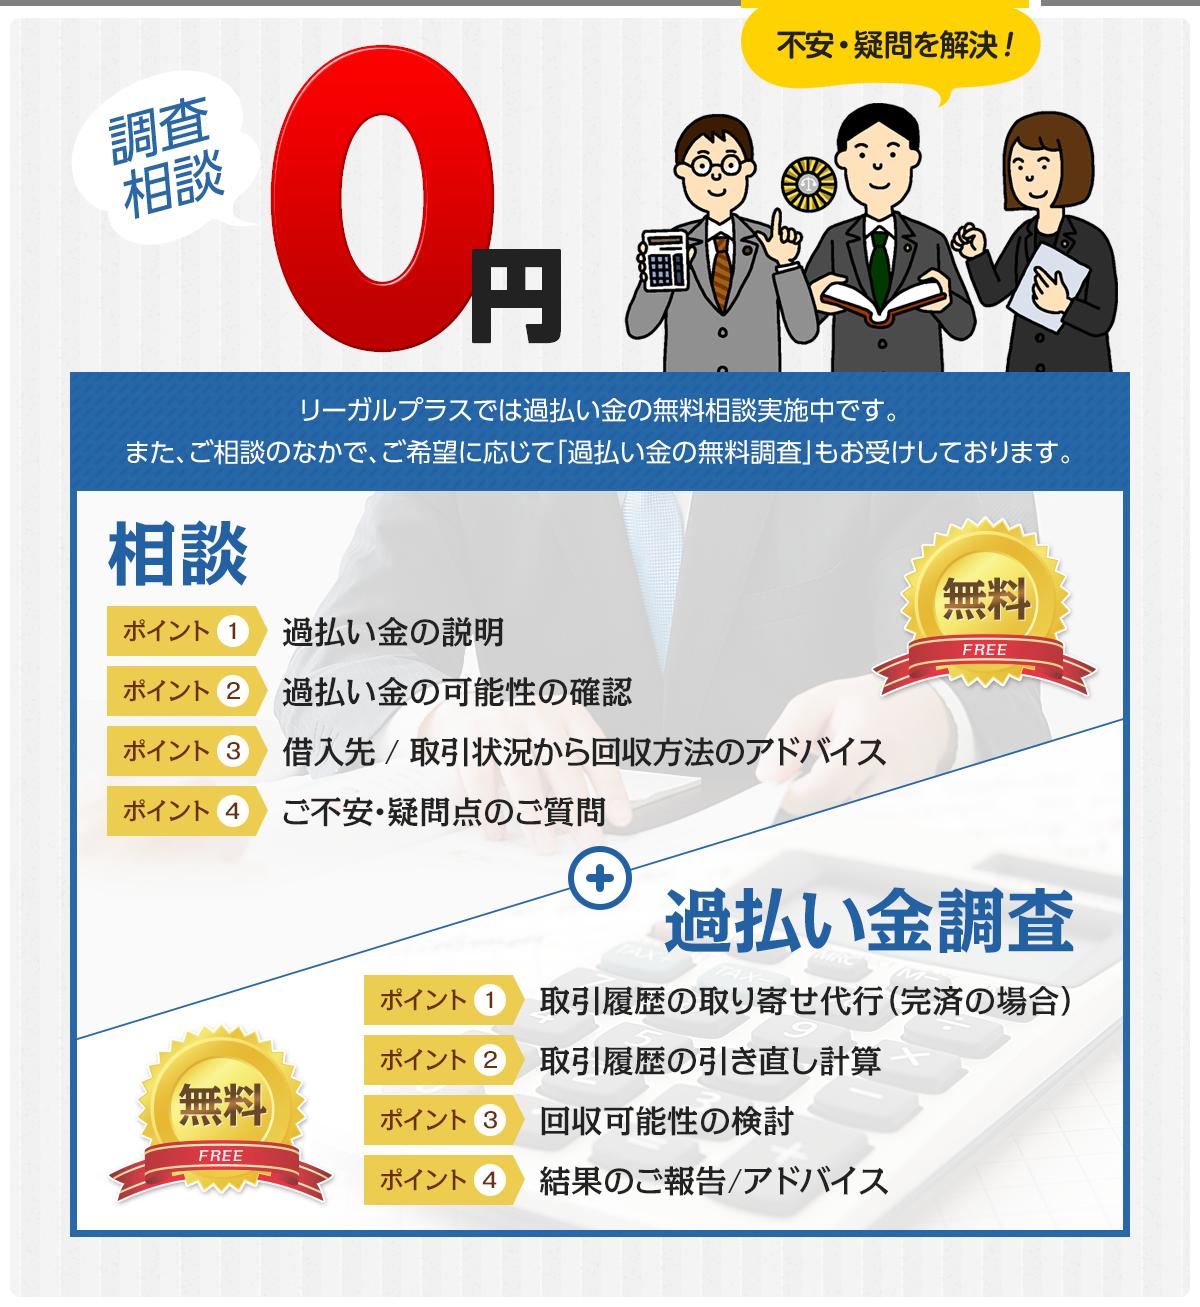 調査相談0円 不安・疑問を解決!